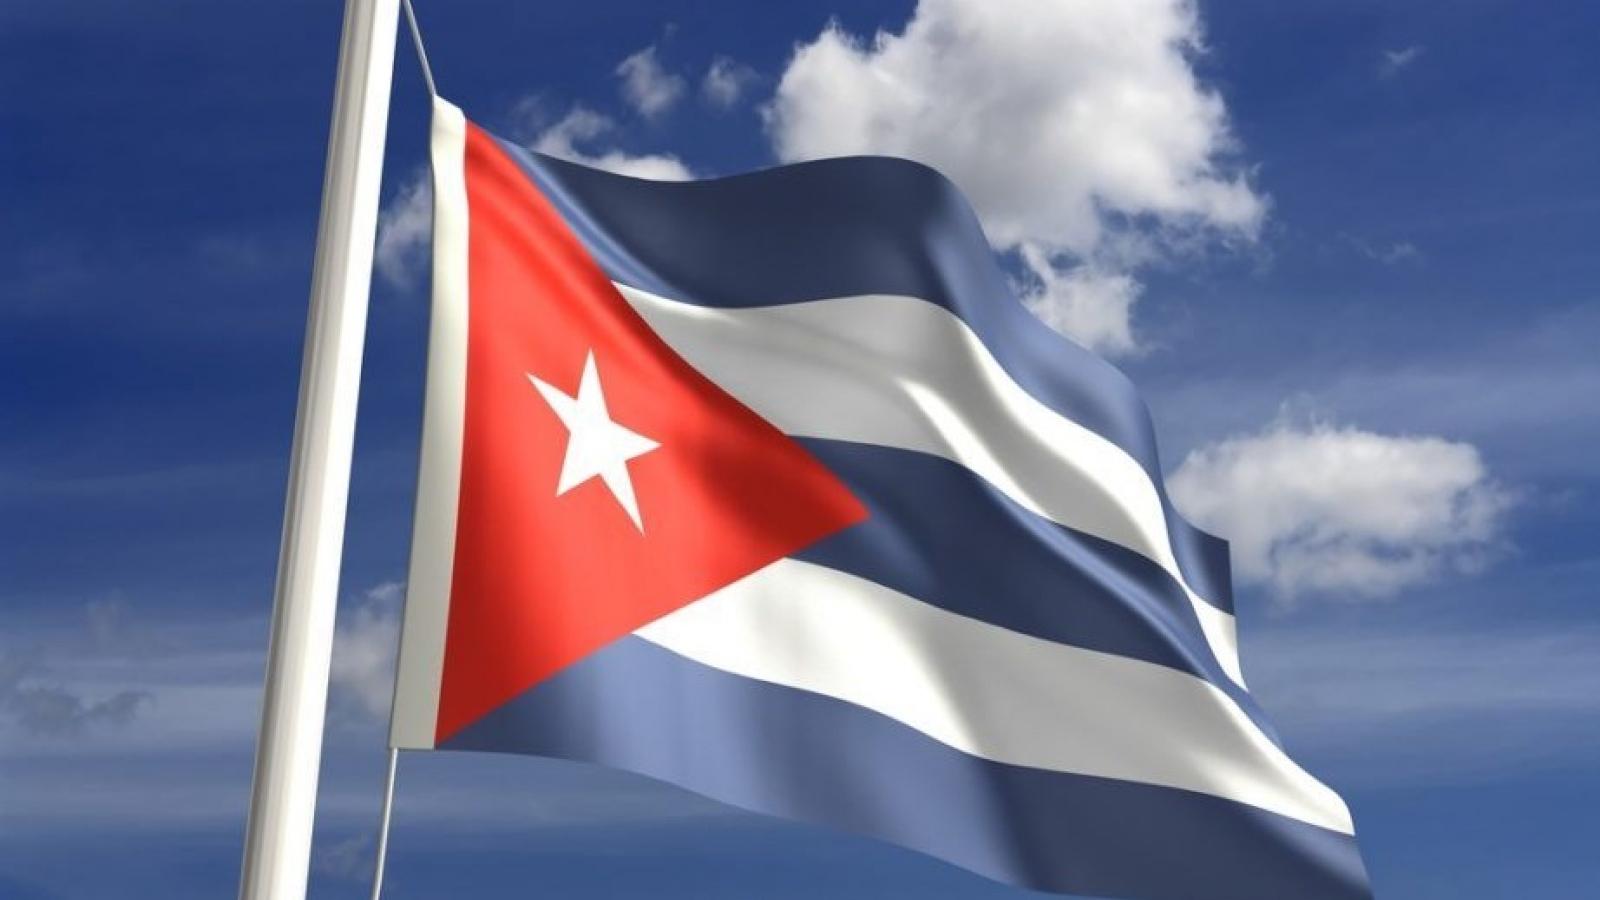 Lệnh cấm vận thương mại của Mỹ khiến Cuba thiệt hại hơn 5 tỷ USD